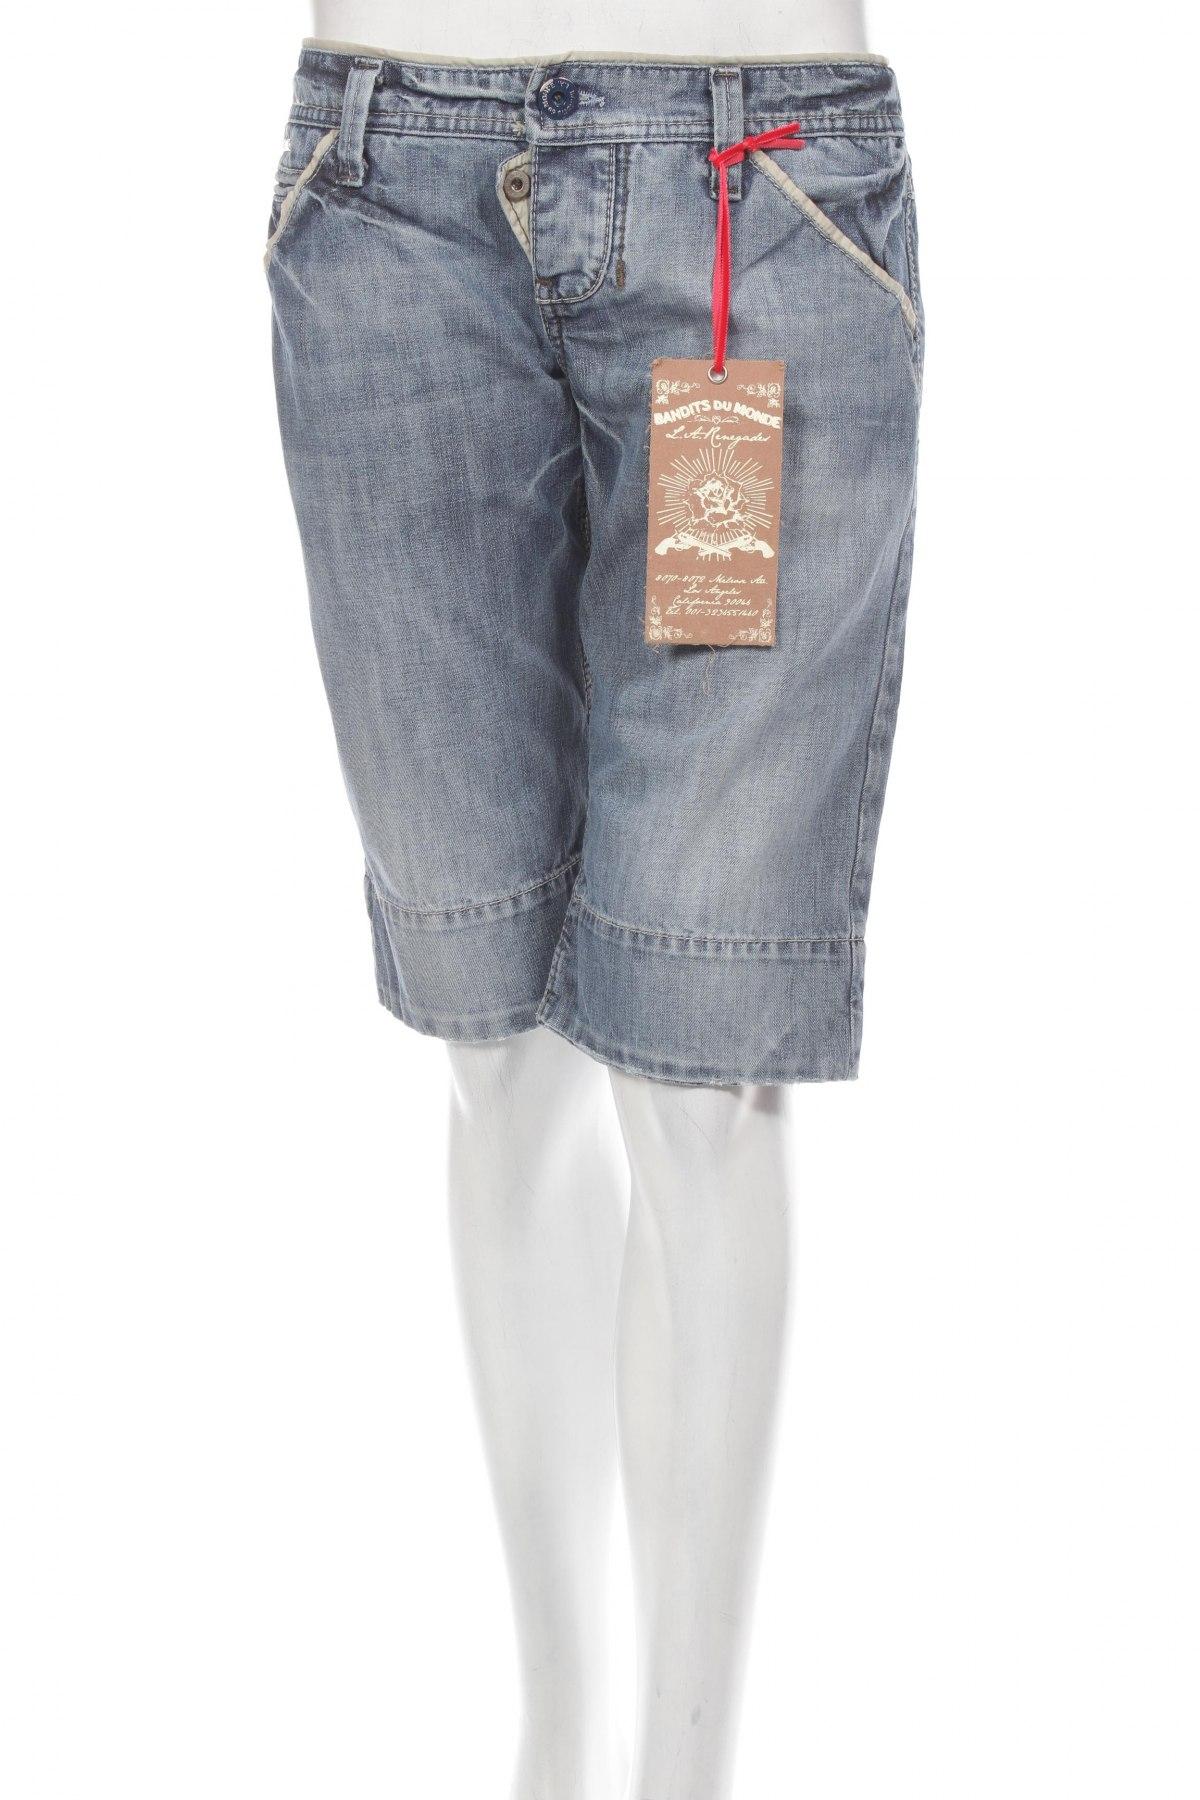 Γυναικείο κοντό παντελόνι Bandits Du Monde, Μέγεθος M, Χρώμα Μπλέ, Τιμή 4,02€